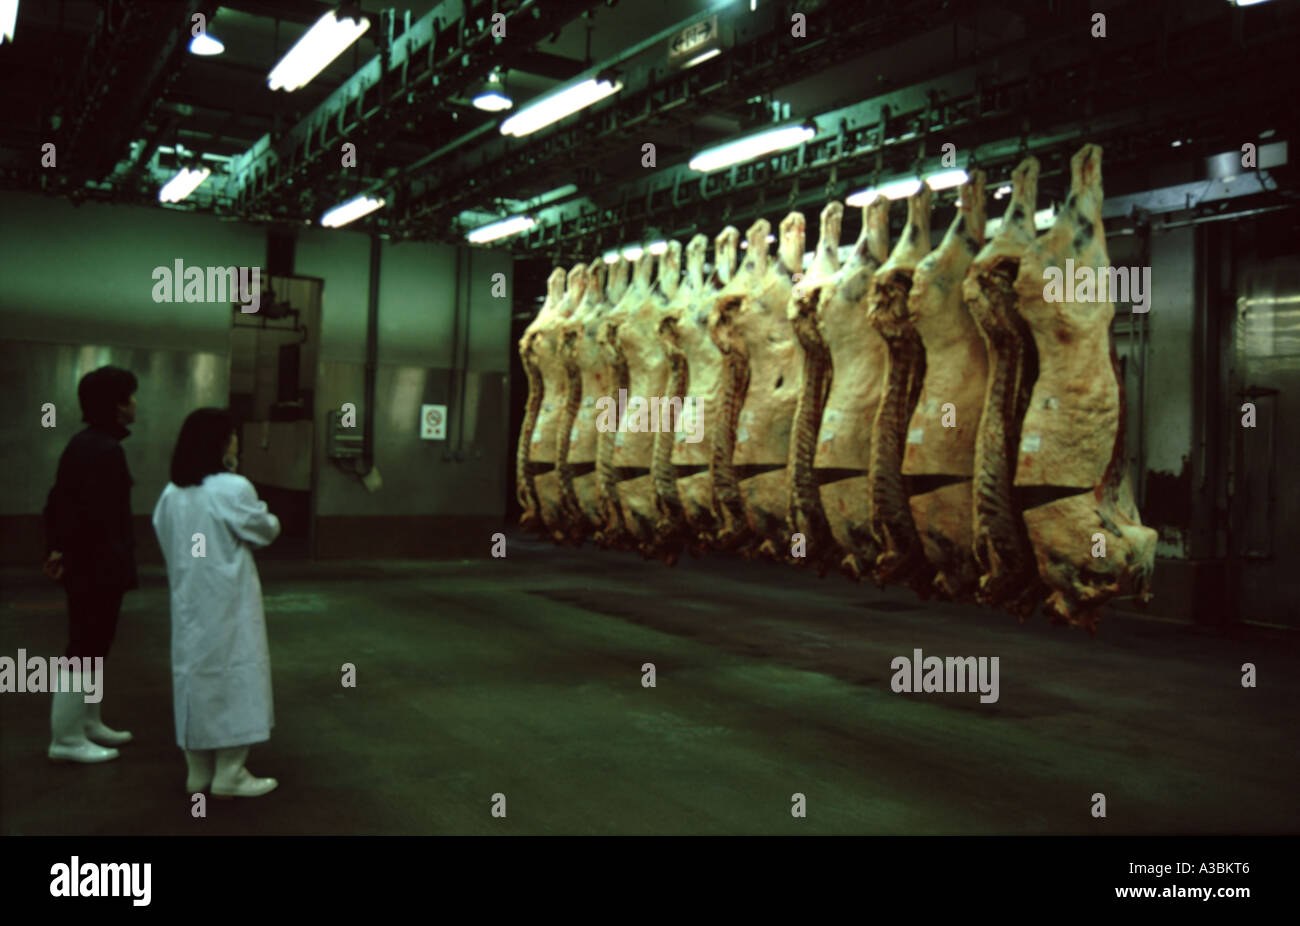 A slaughterhouse in Matsubara, near Osaska in Japan - Stock Image